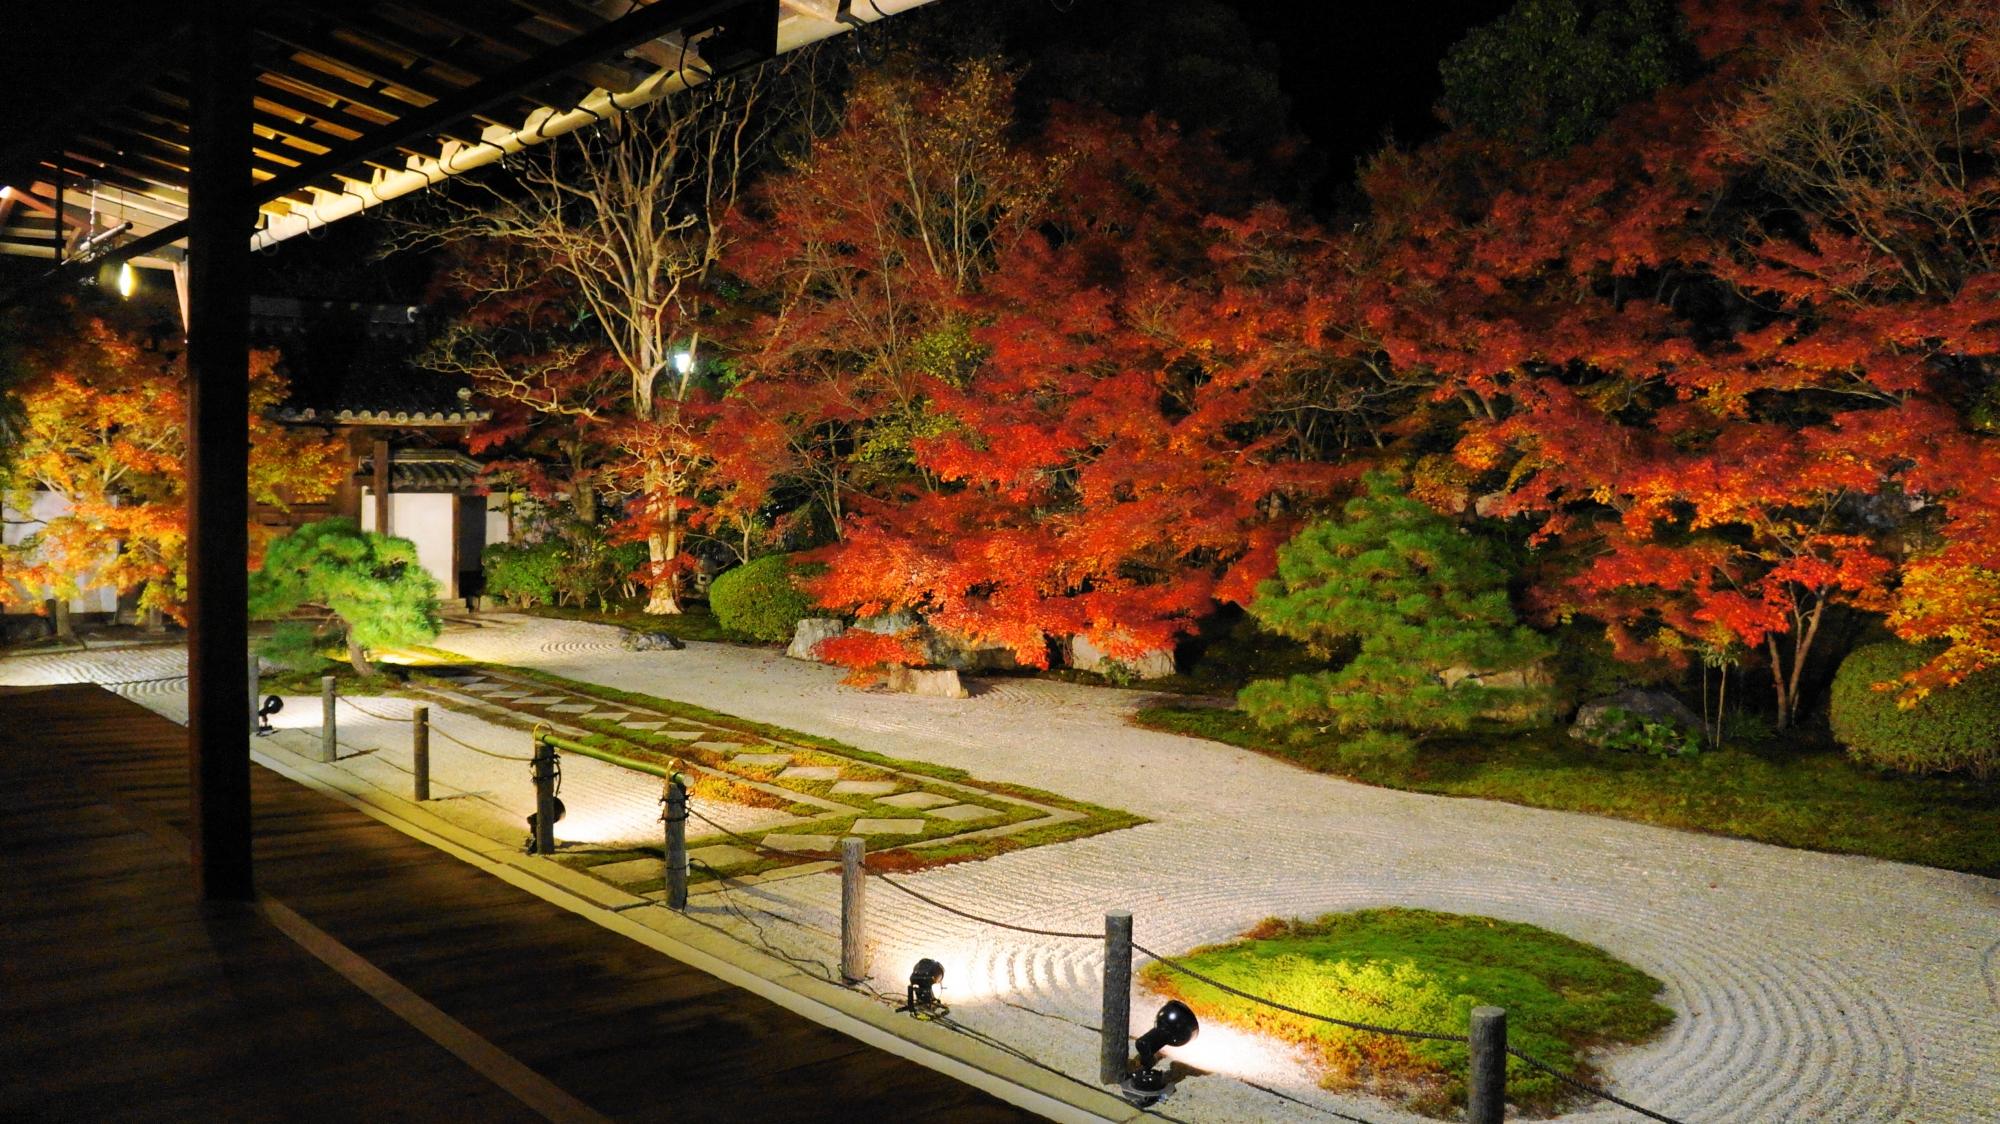 静かな夜の庭園で燃え上がるような激しい紅葉